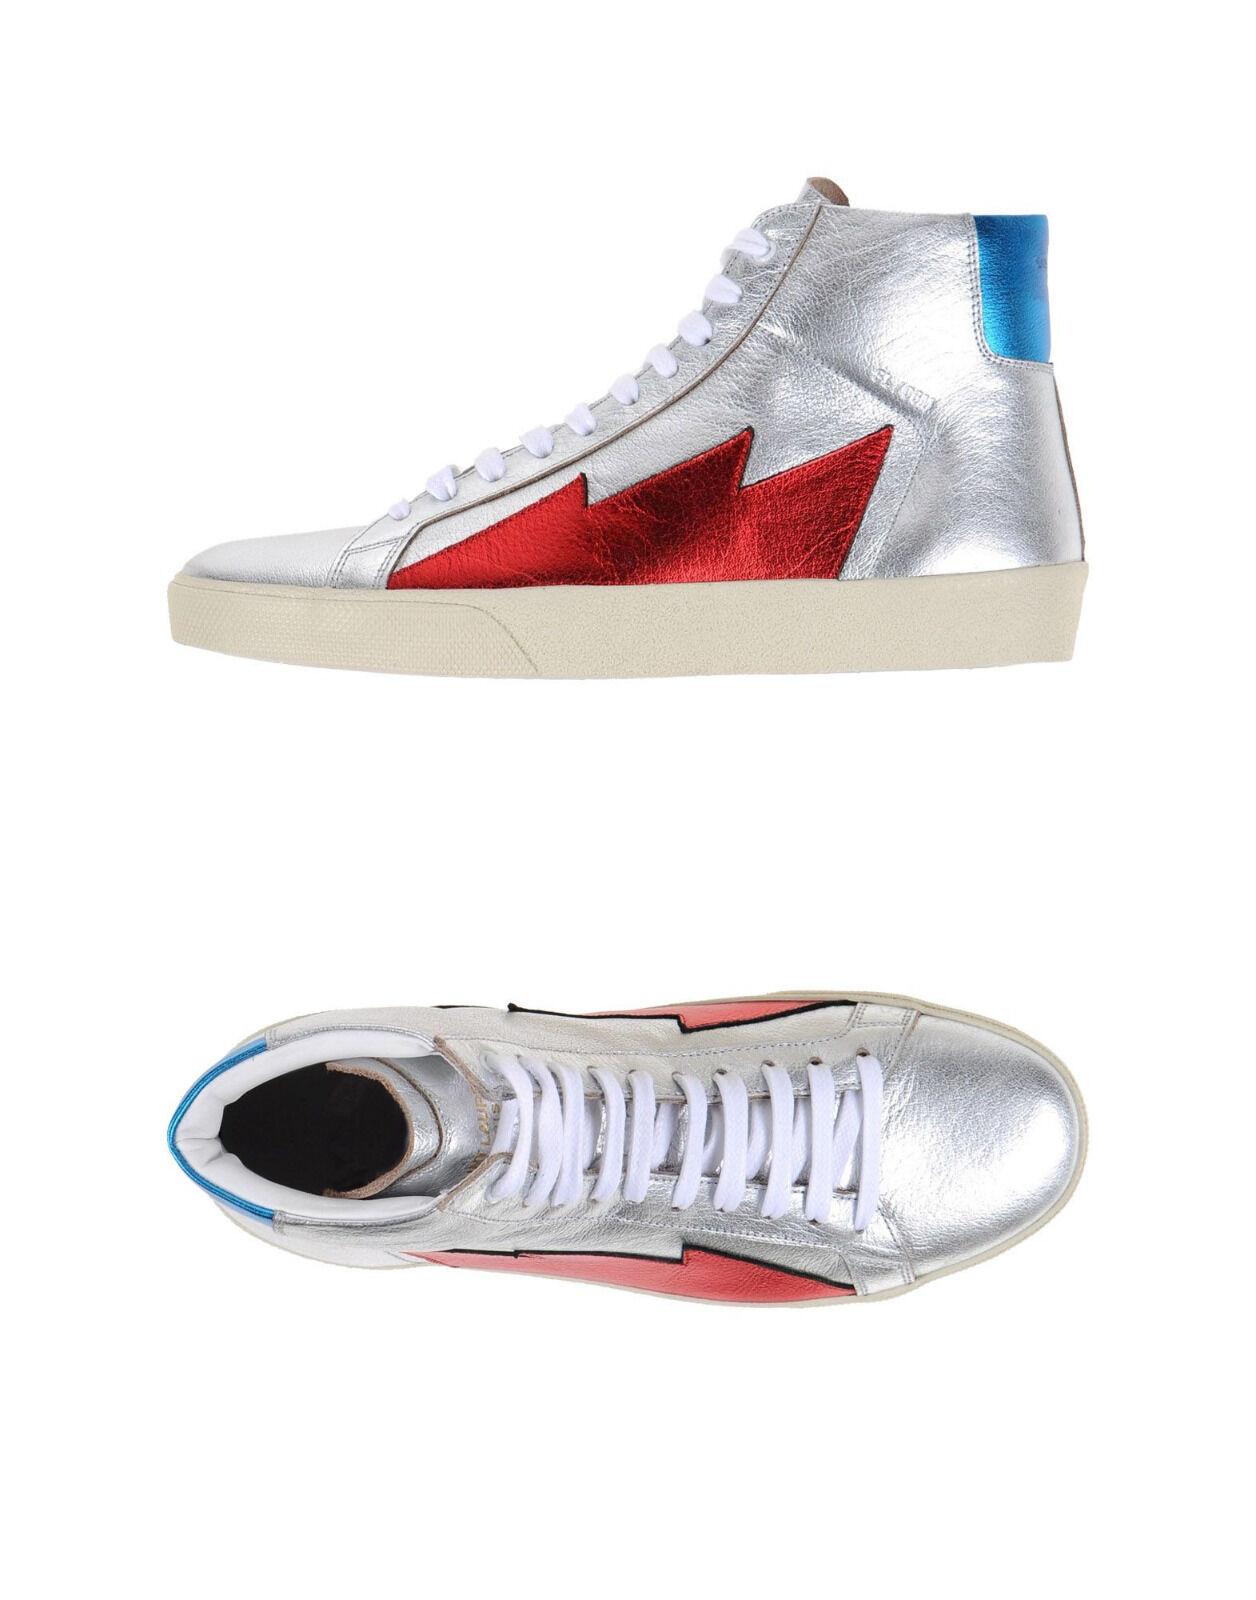 Saint Laurent silberne Sneaker Stars Gr. 37,5 (passt 38 bis 38,5) NEU